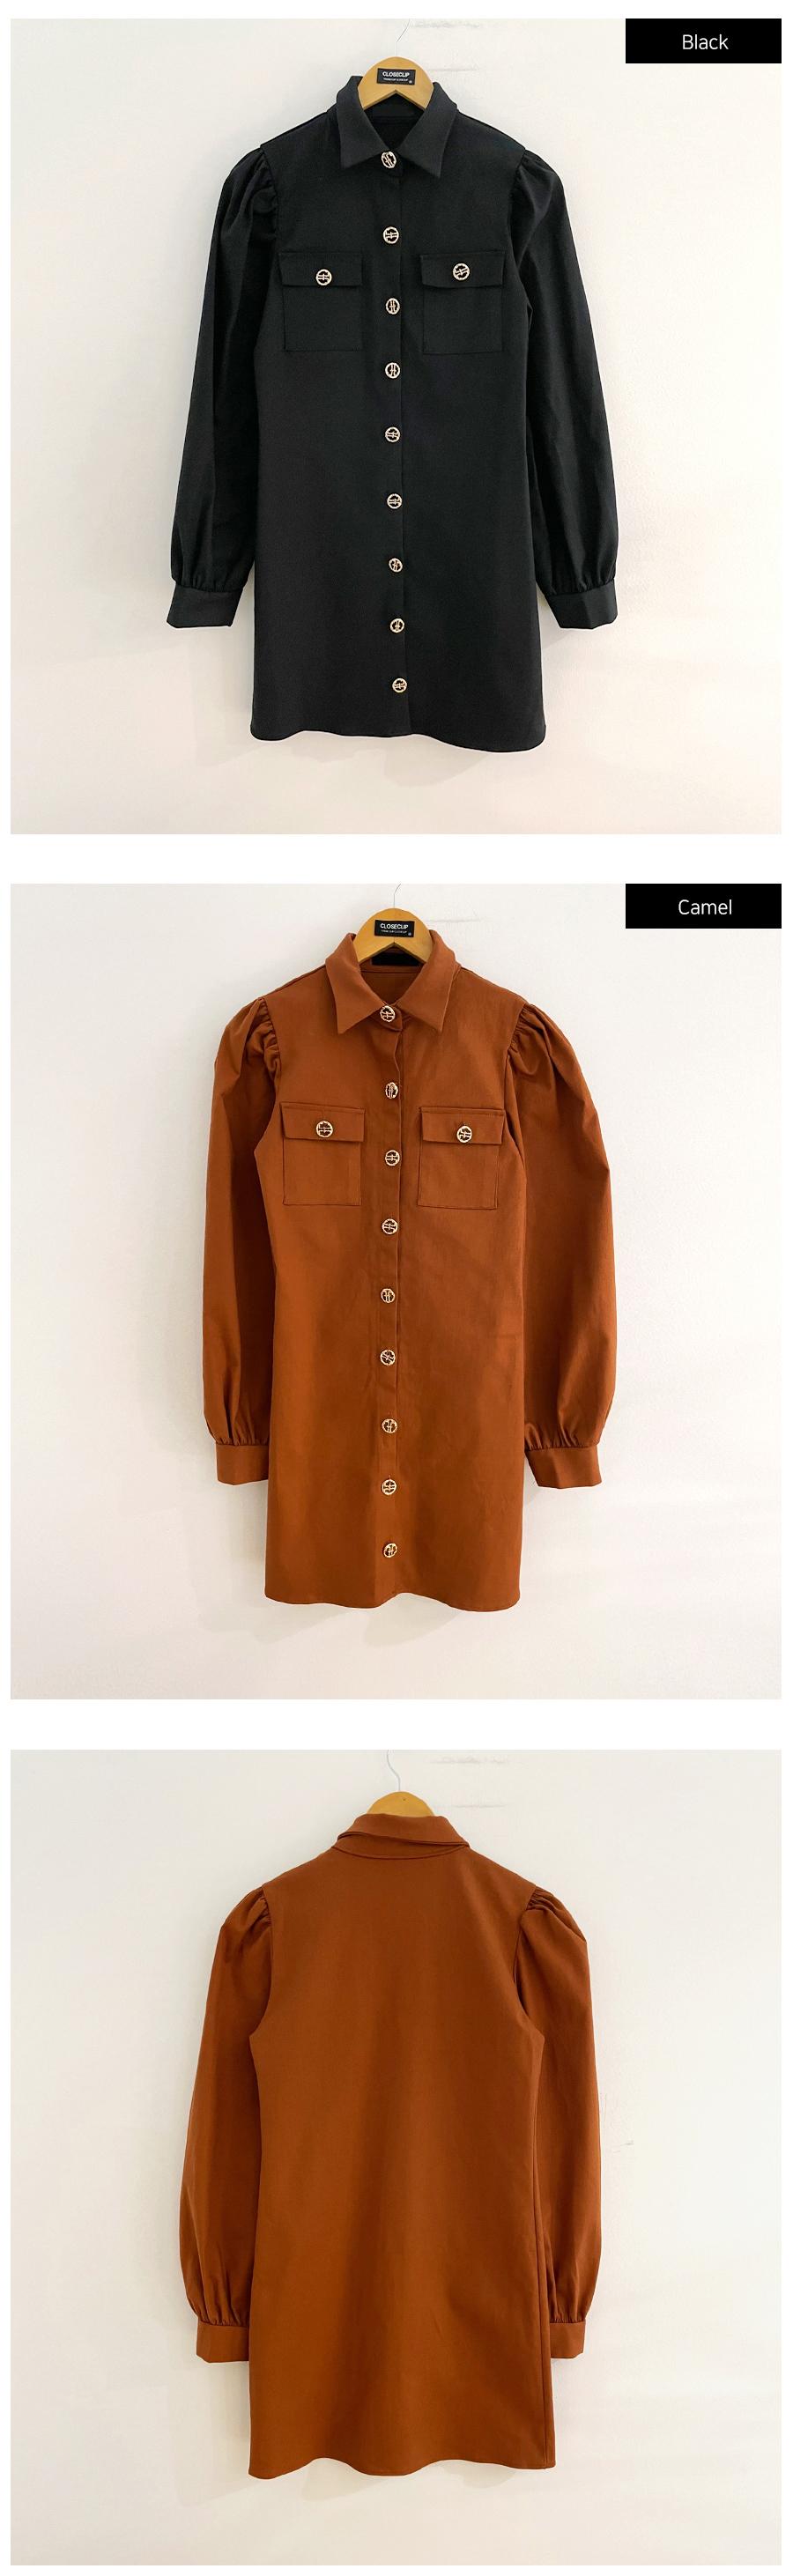 코트 브라운 색상 이미지-S1L42